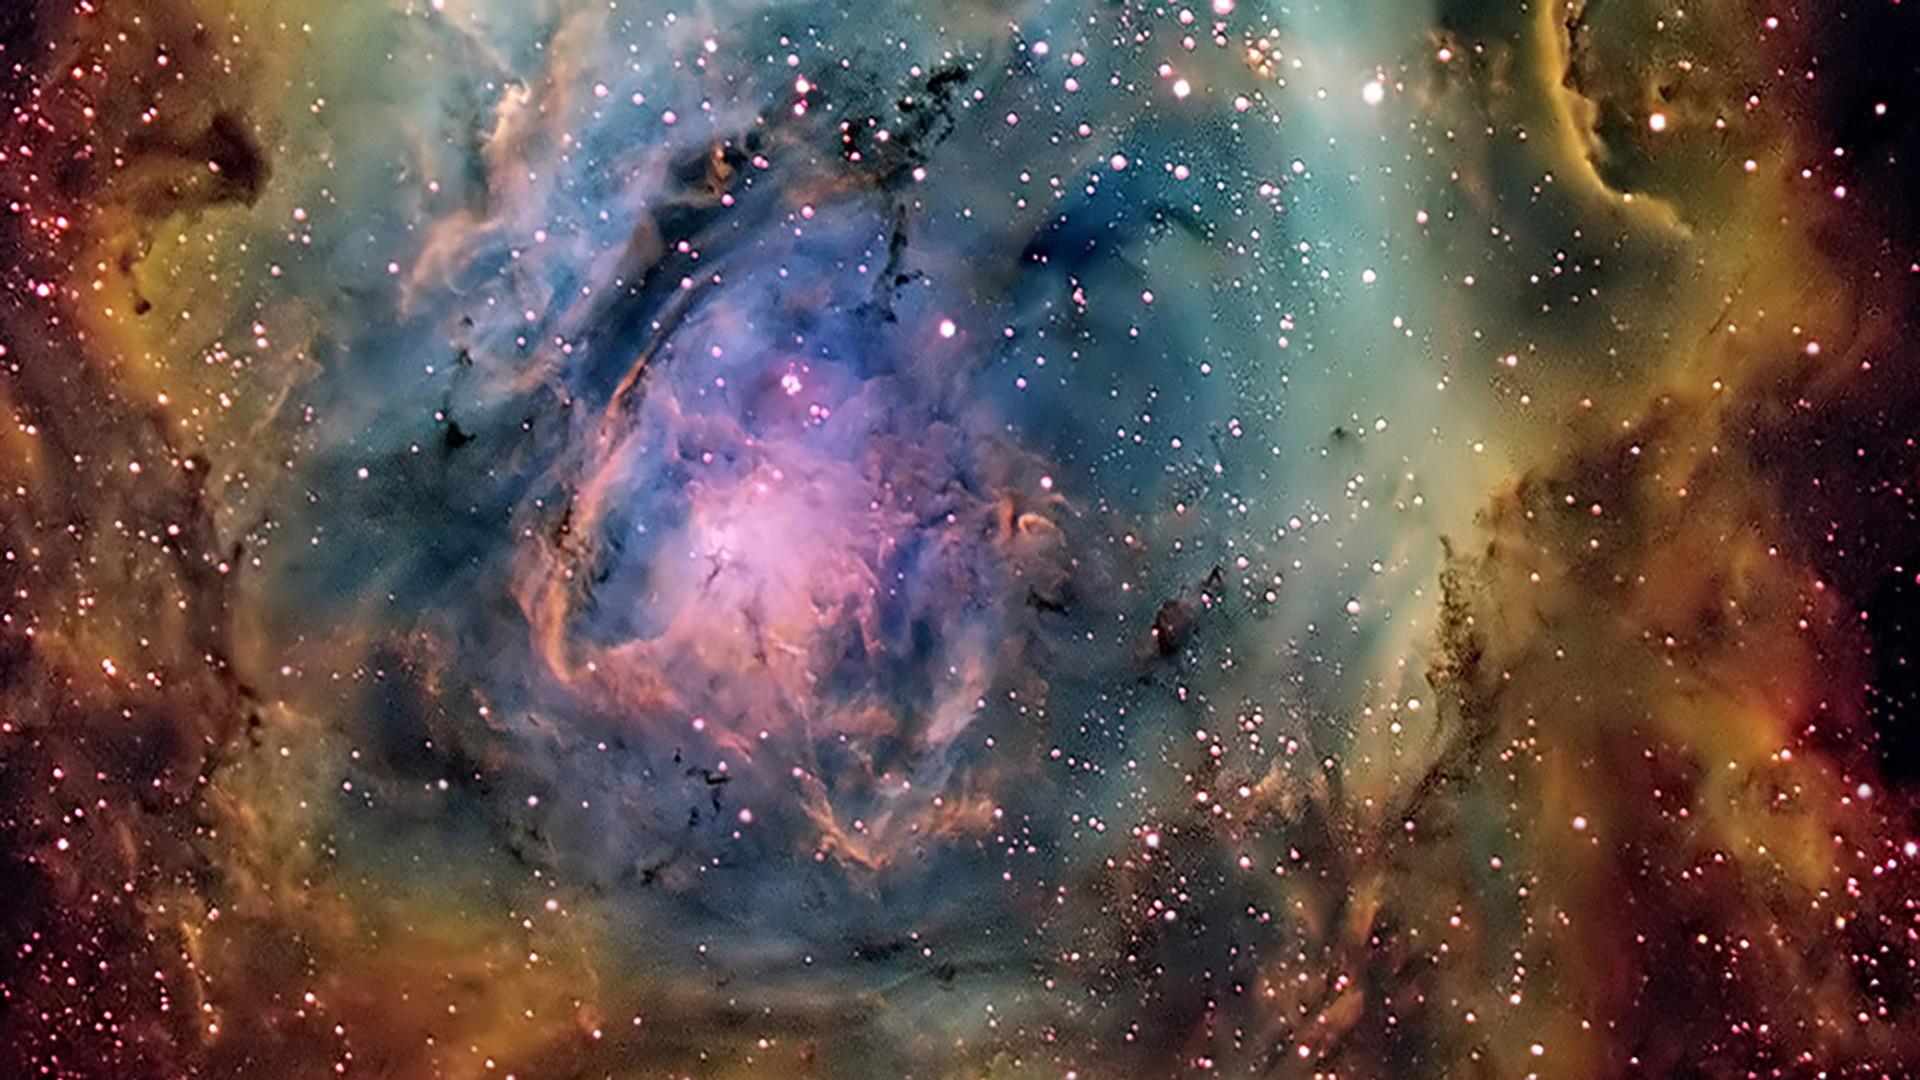 space art wallpaper 1920×1080